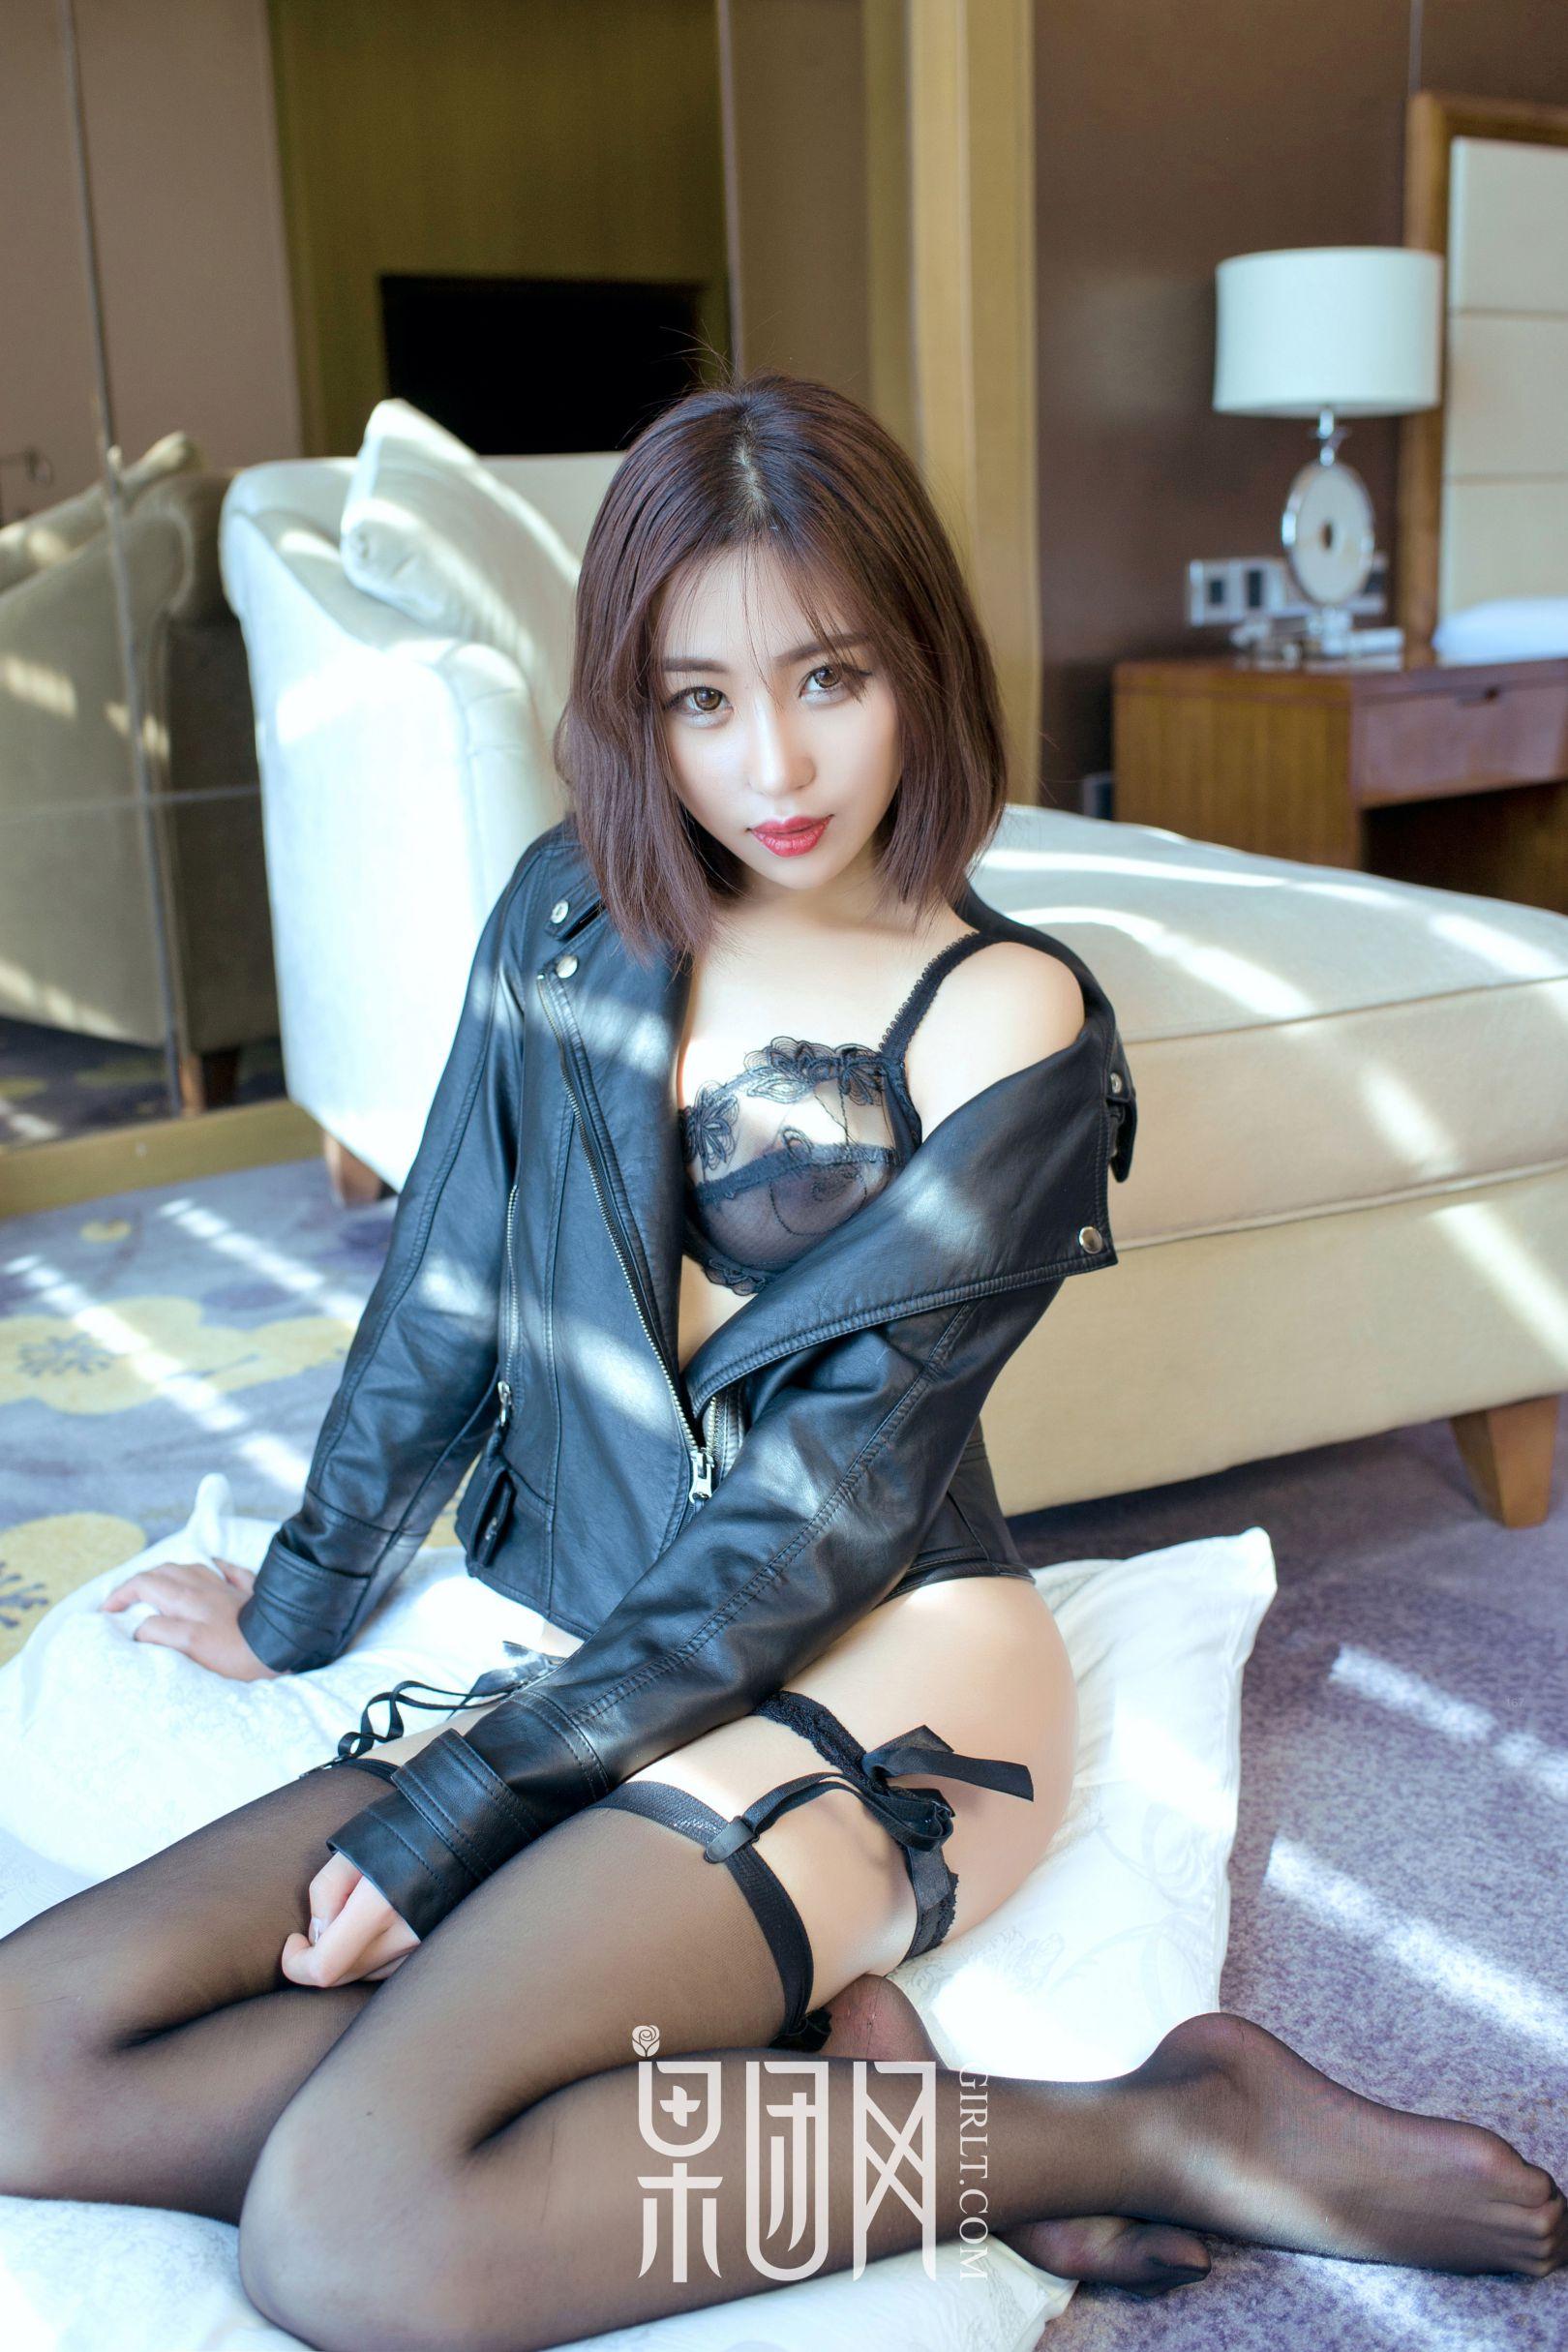 于瑞 - 正室范大美妞